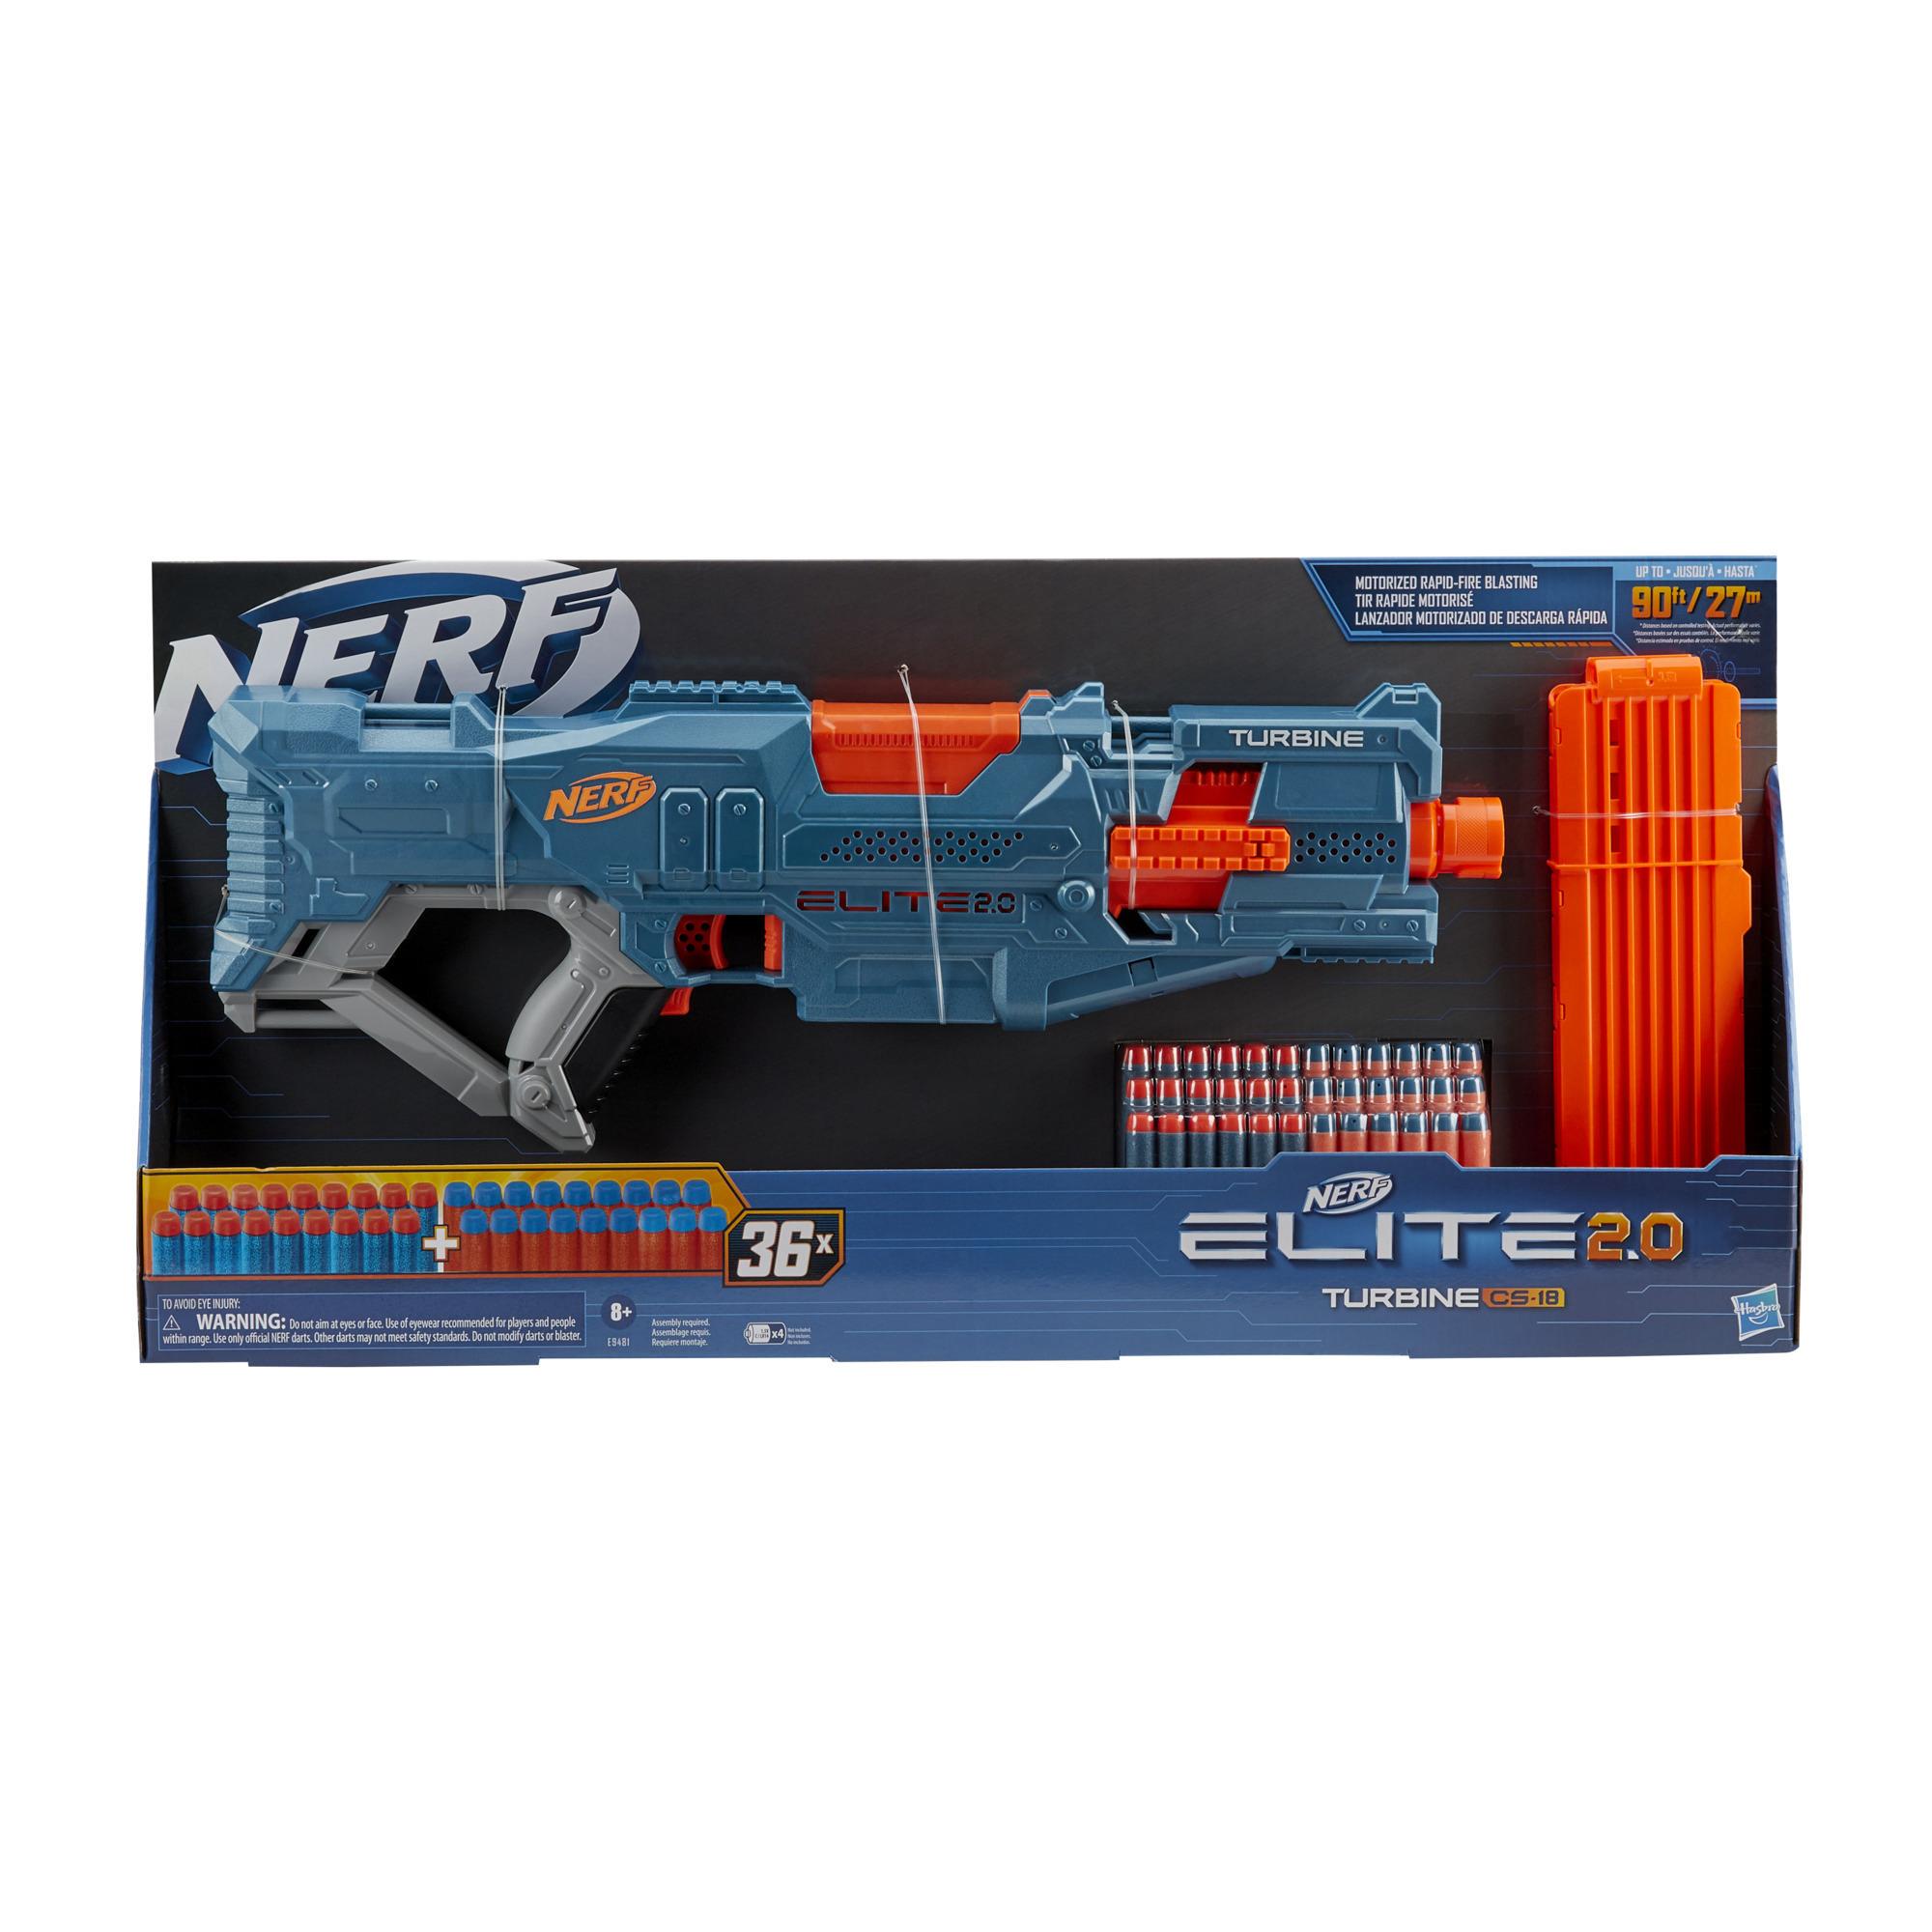 Lanzador motorizado Nerf Elite 2.0 Turbine CS-18 - 36 dardos Nerf oficiales, clip de 18 dardos, capacidad de personalización